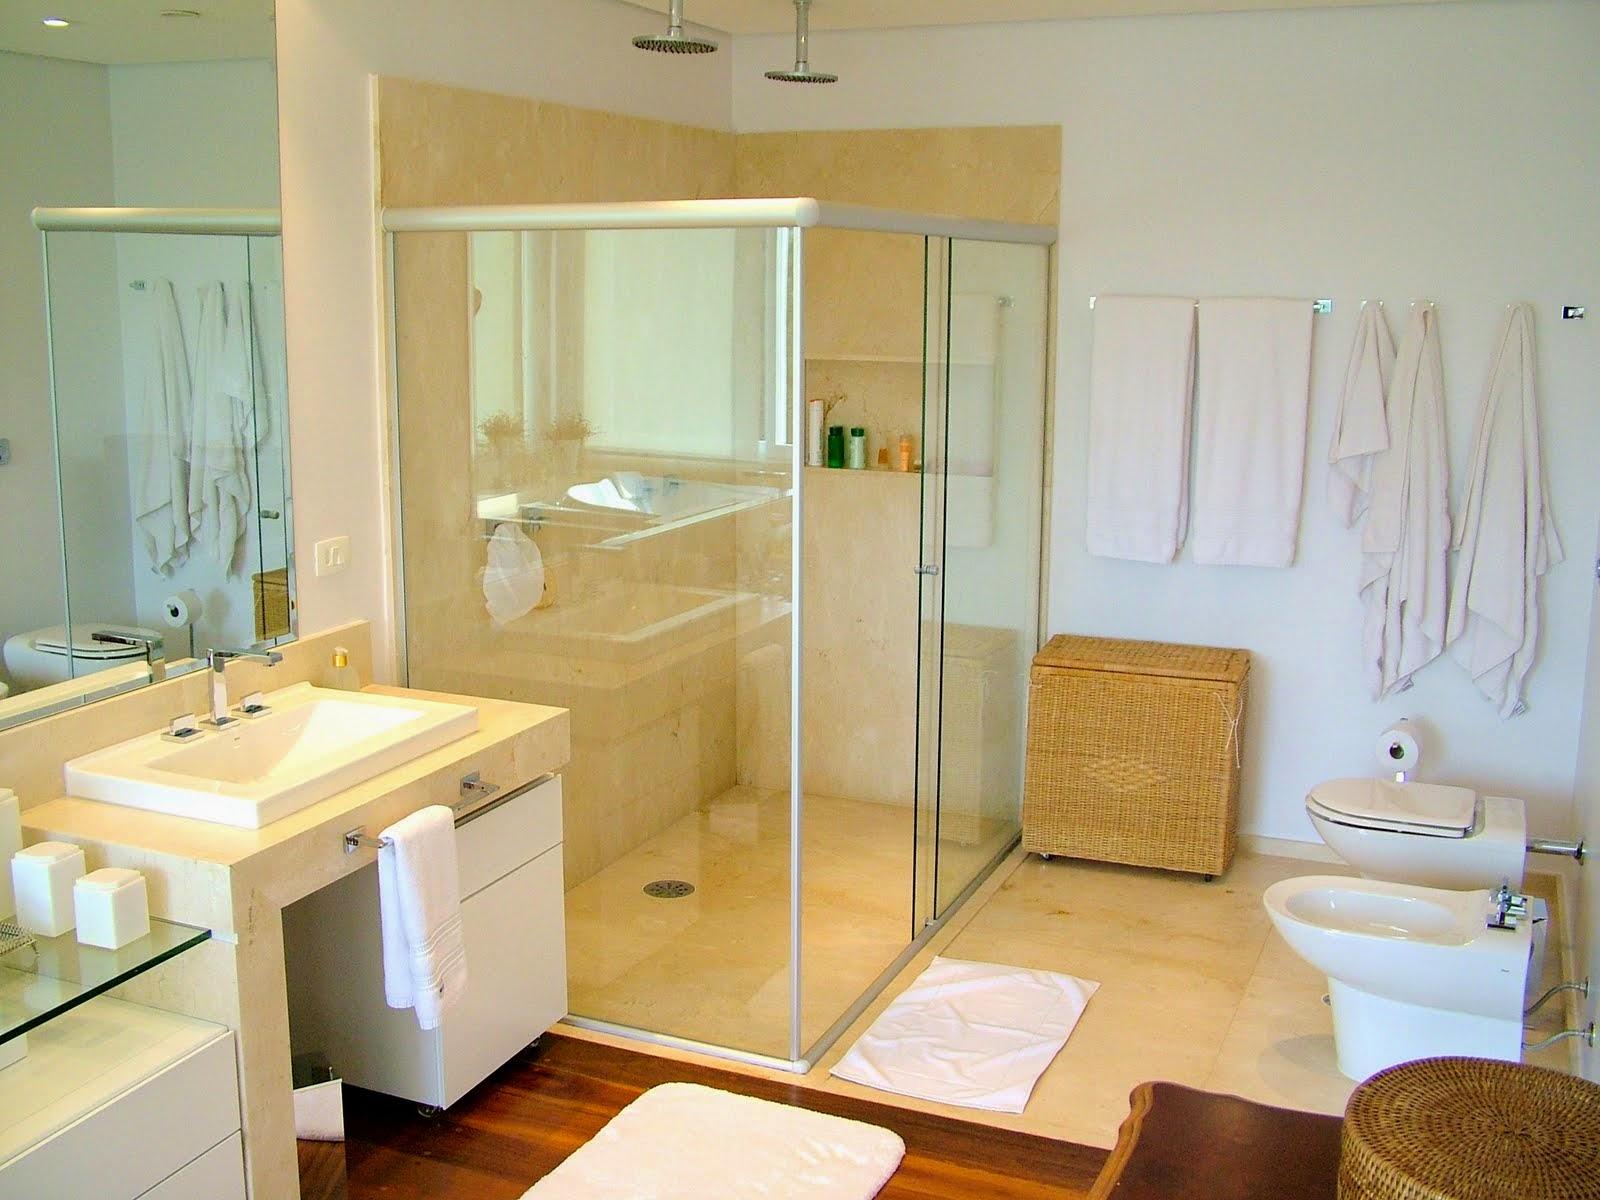 Imagens de #703D17  decoracao de banheiros pequenos com box box para banheiro  1600x1200 px 3514 Blindex De Banheiro Rj